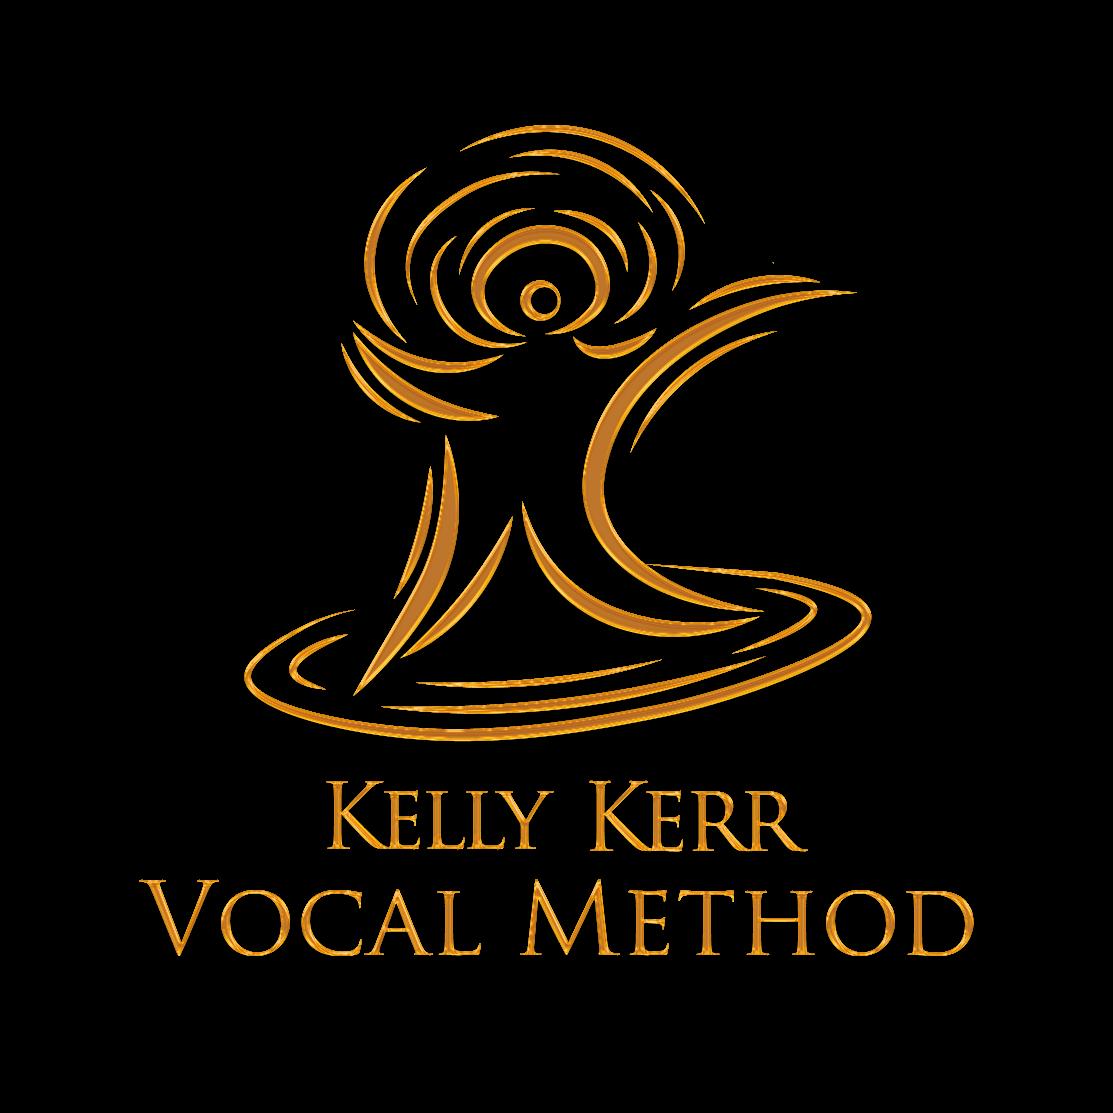 KellyKerrVocalMethod